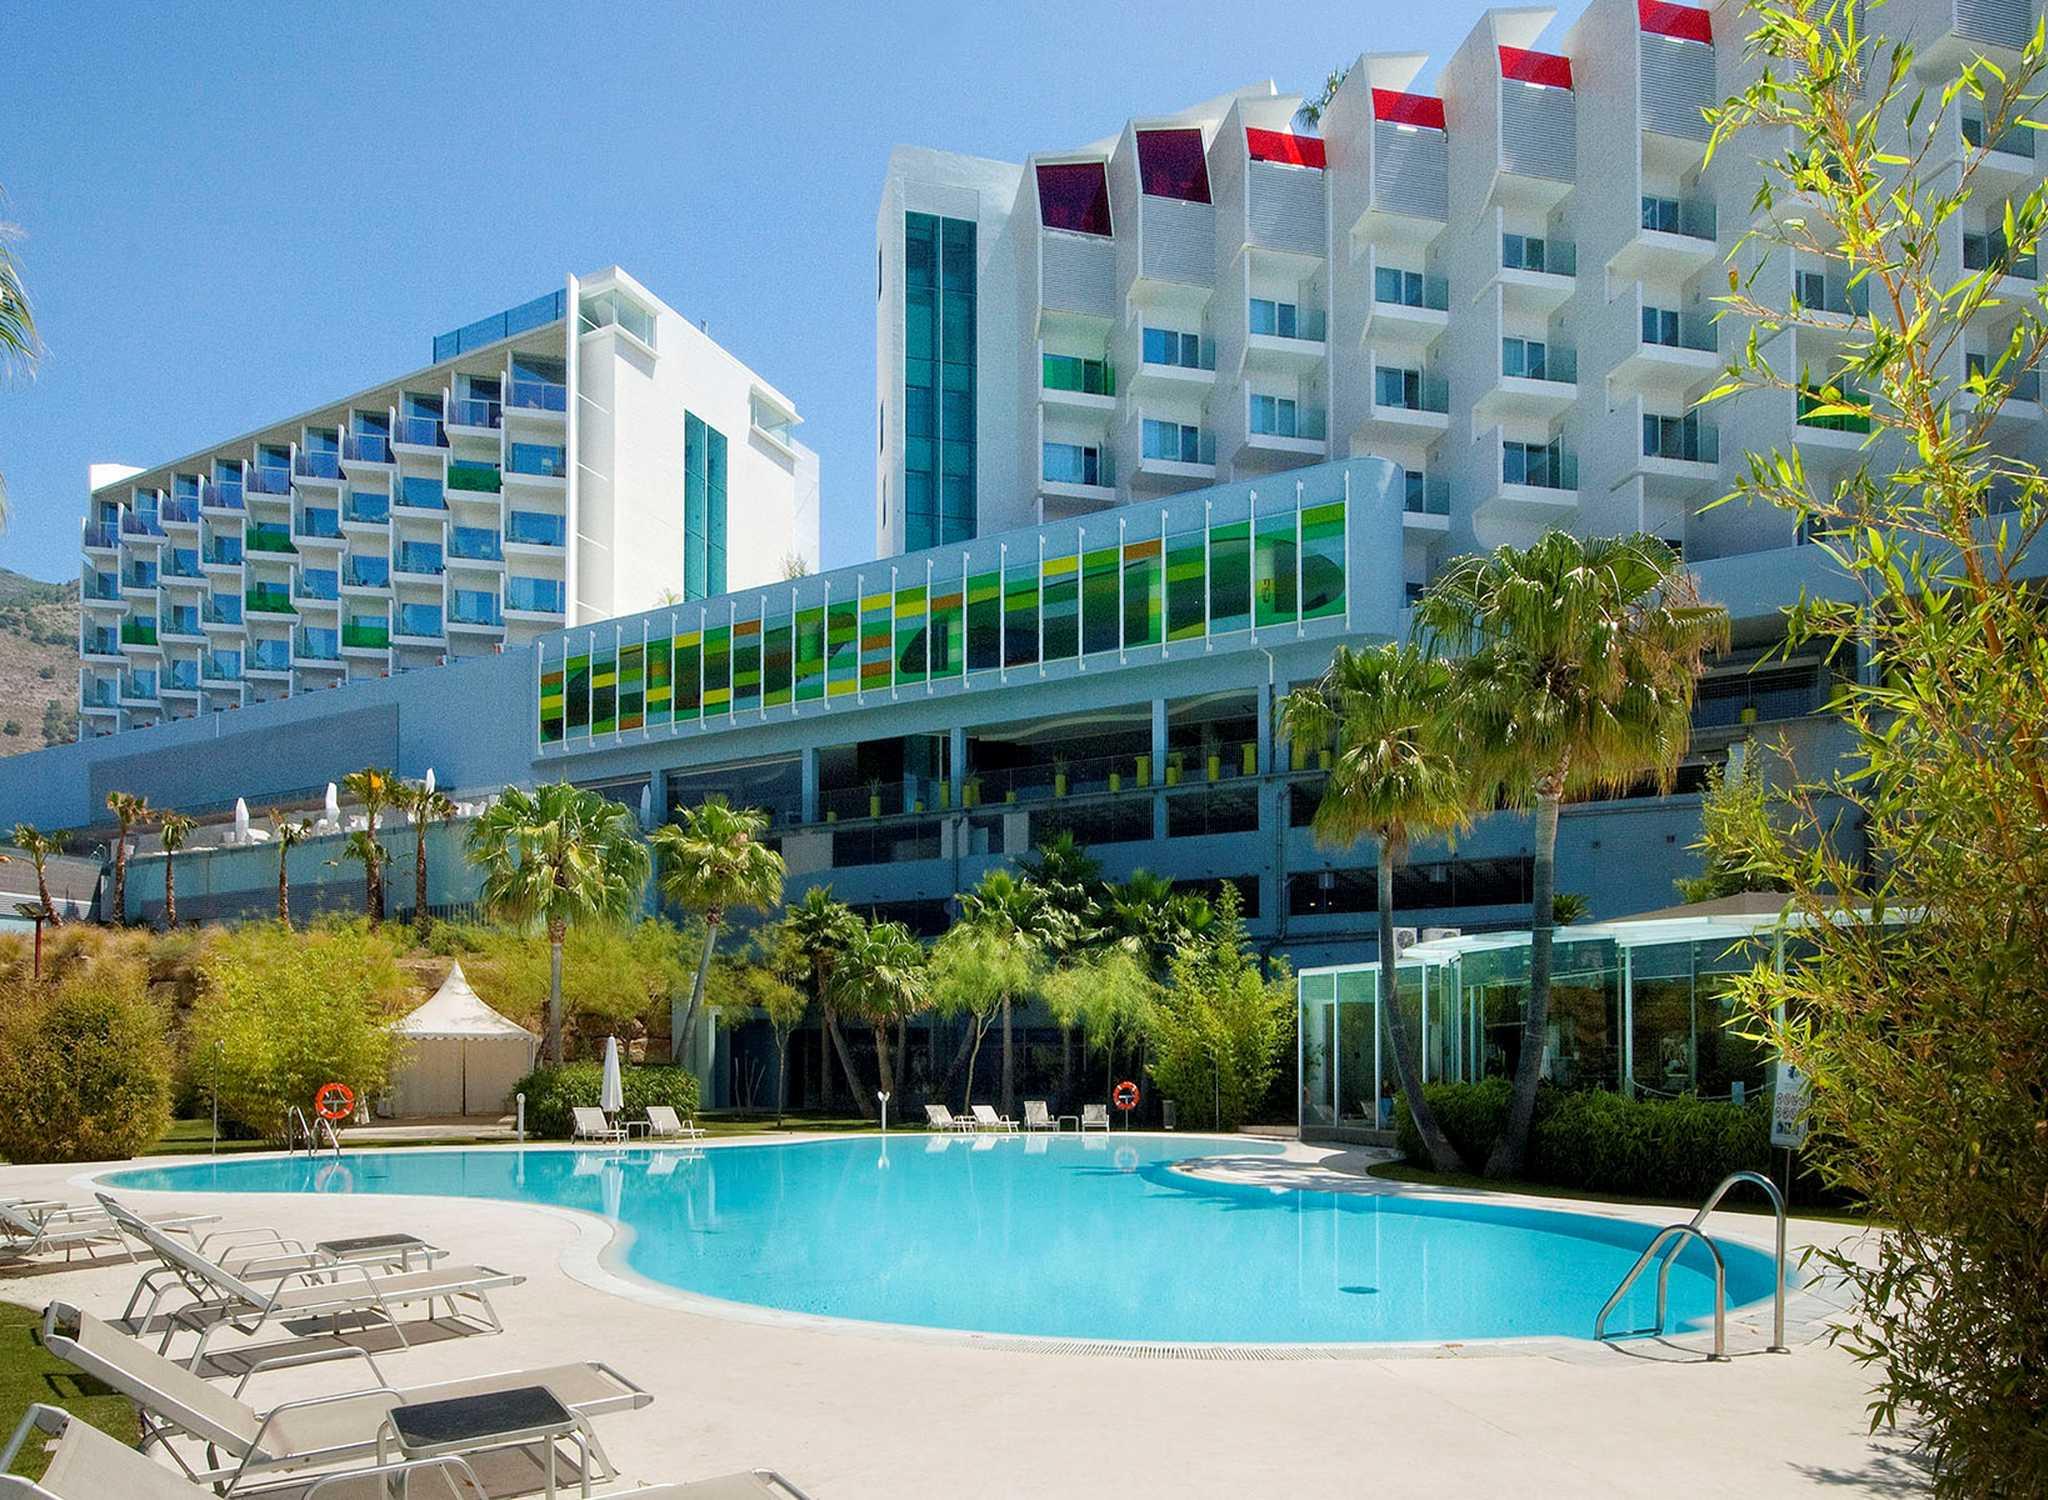 Hoteles en espa a barcelona madrid mallorca hilton Hoteles en madrid espana